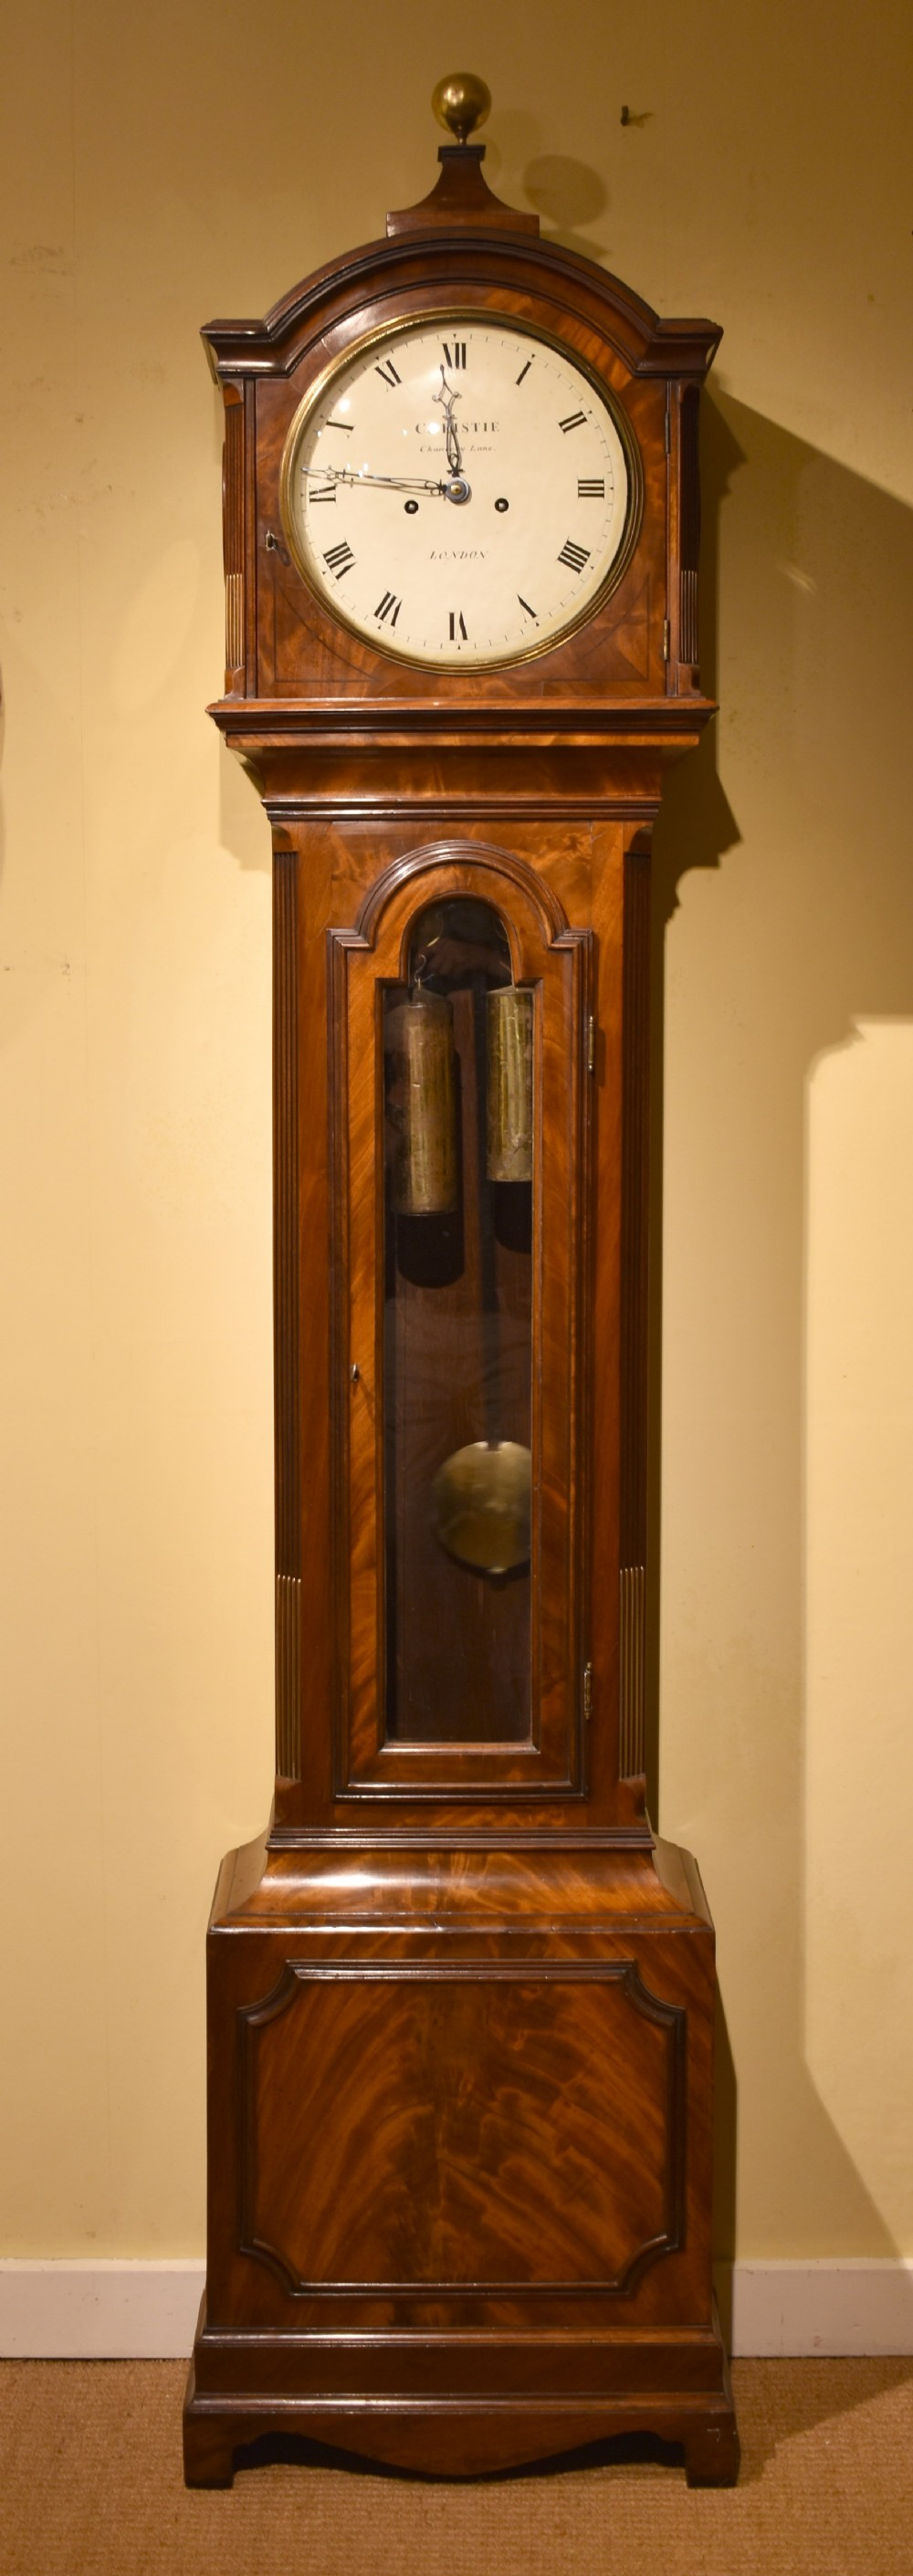 regency longcase clock by christie london